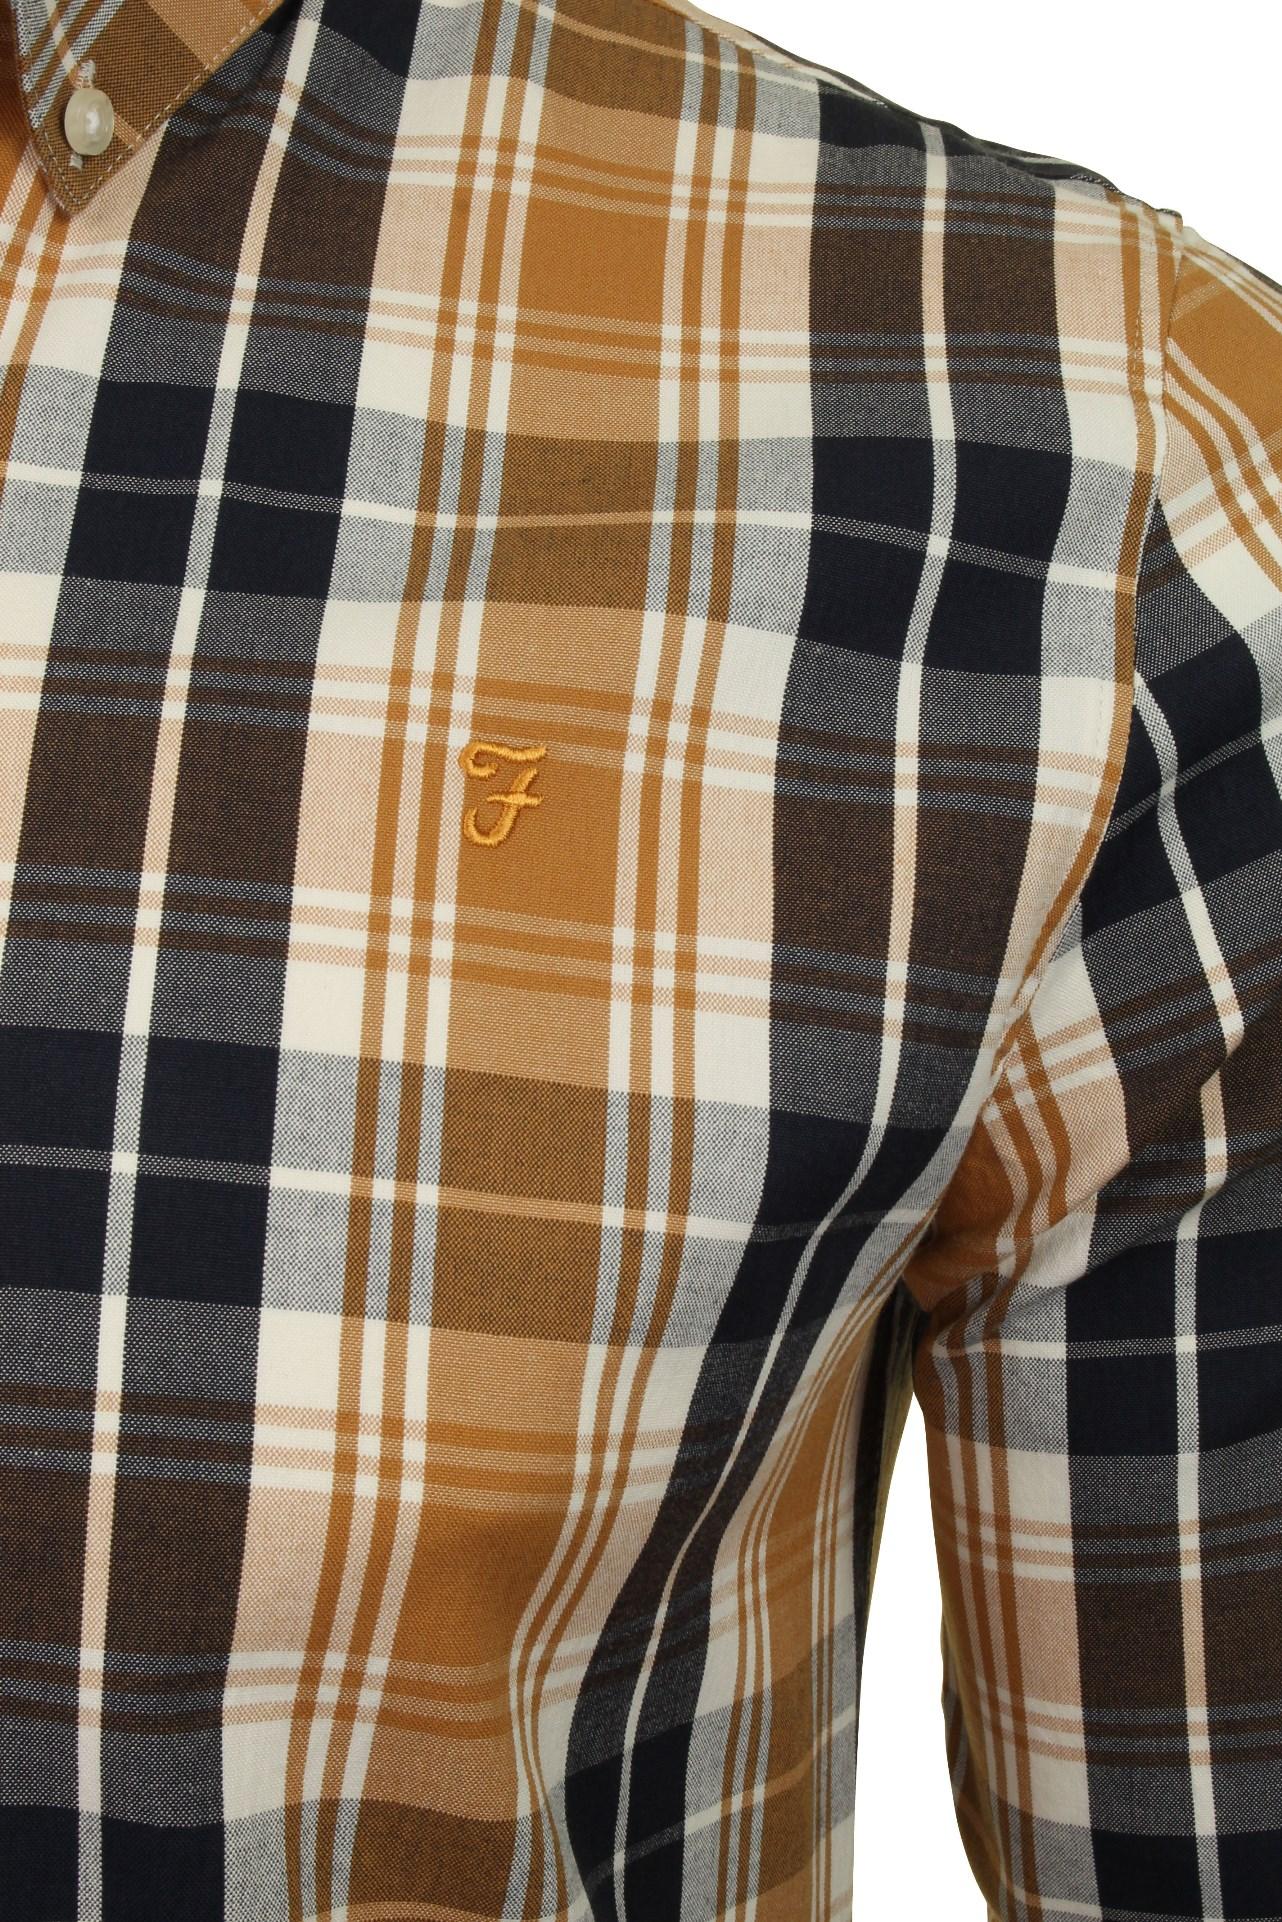 Farah-Mens-Check-Shirt-039-Brewer-Blackwatch-039-Long-Sleeved thumbnail 13